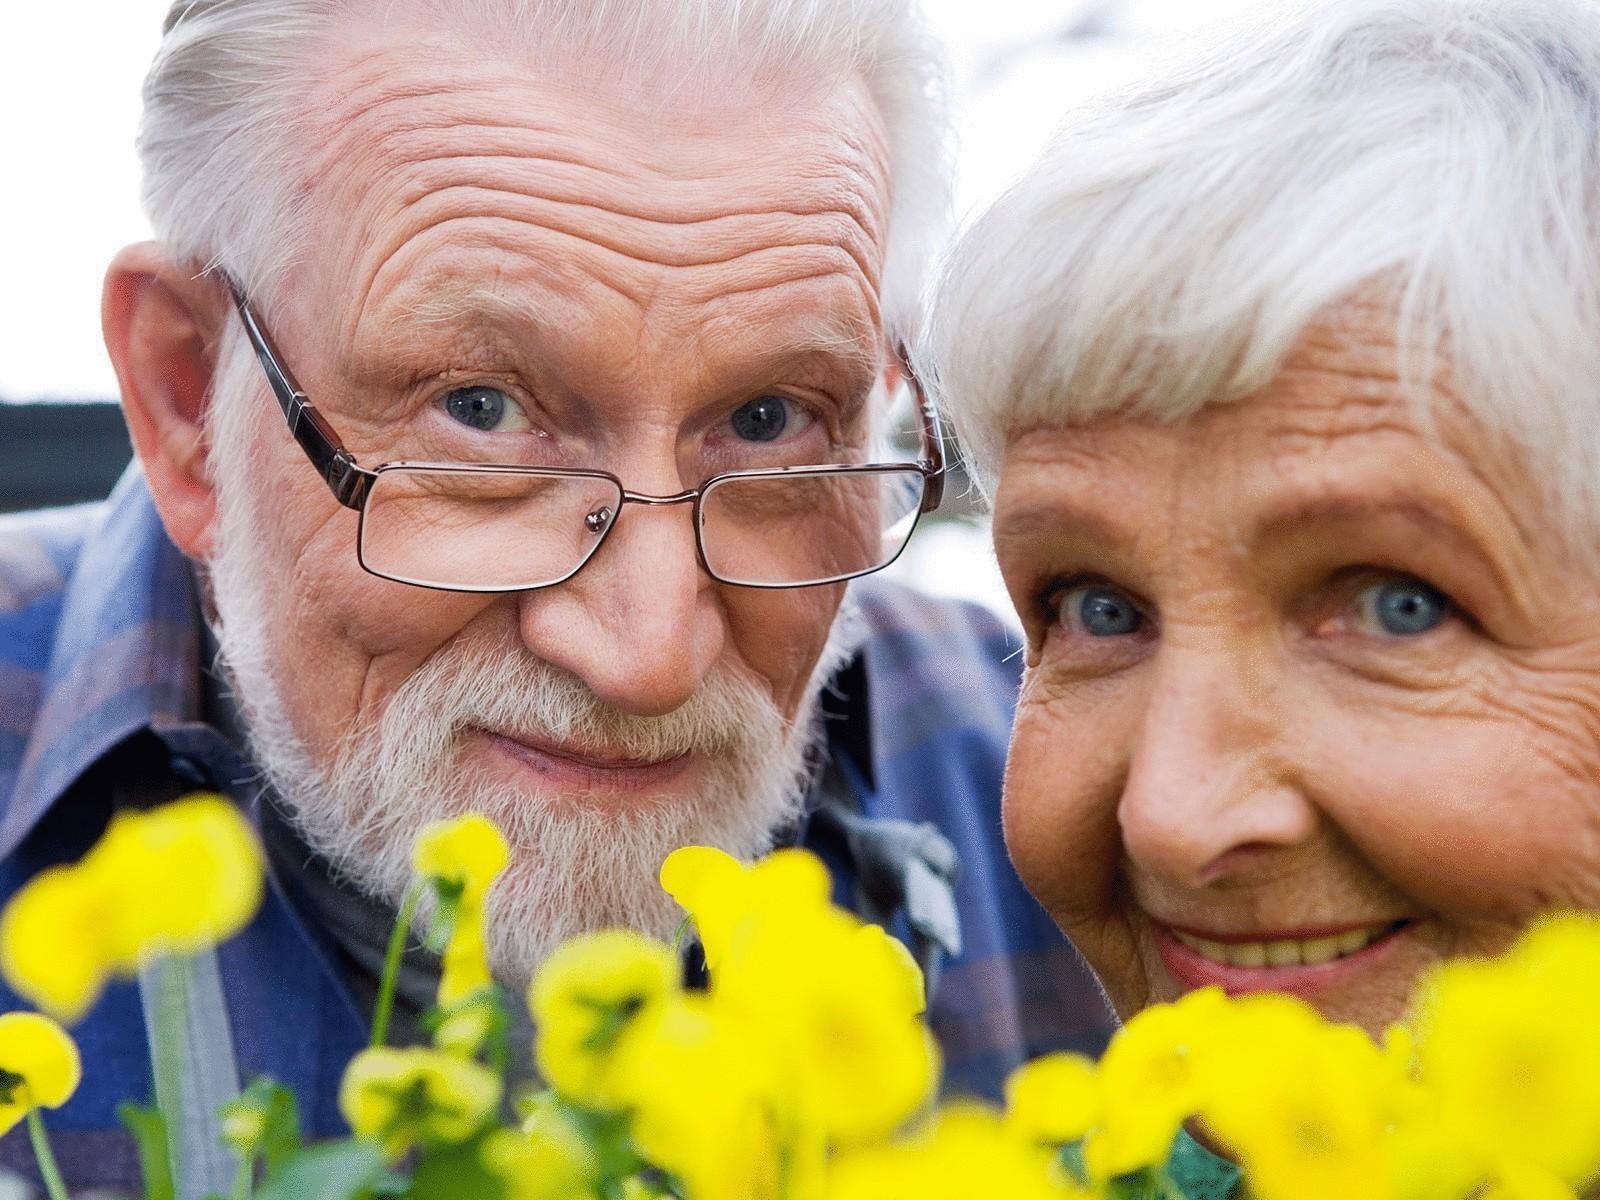 Смотреть массаж пожилых женщин 25 фотография